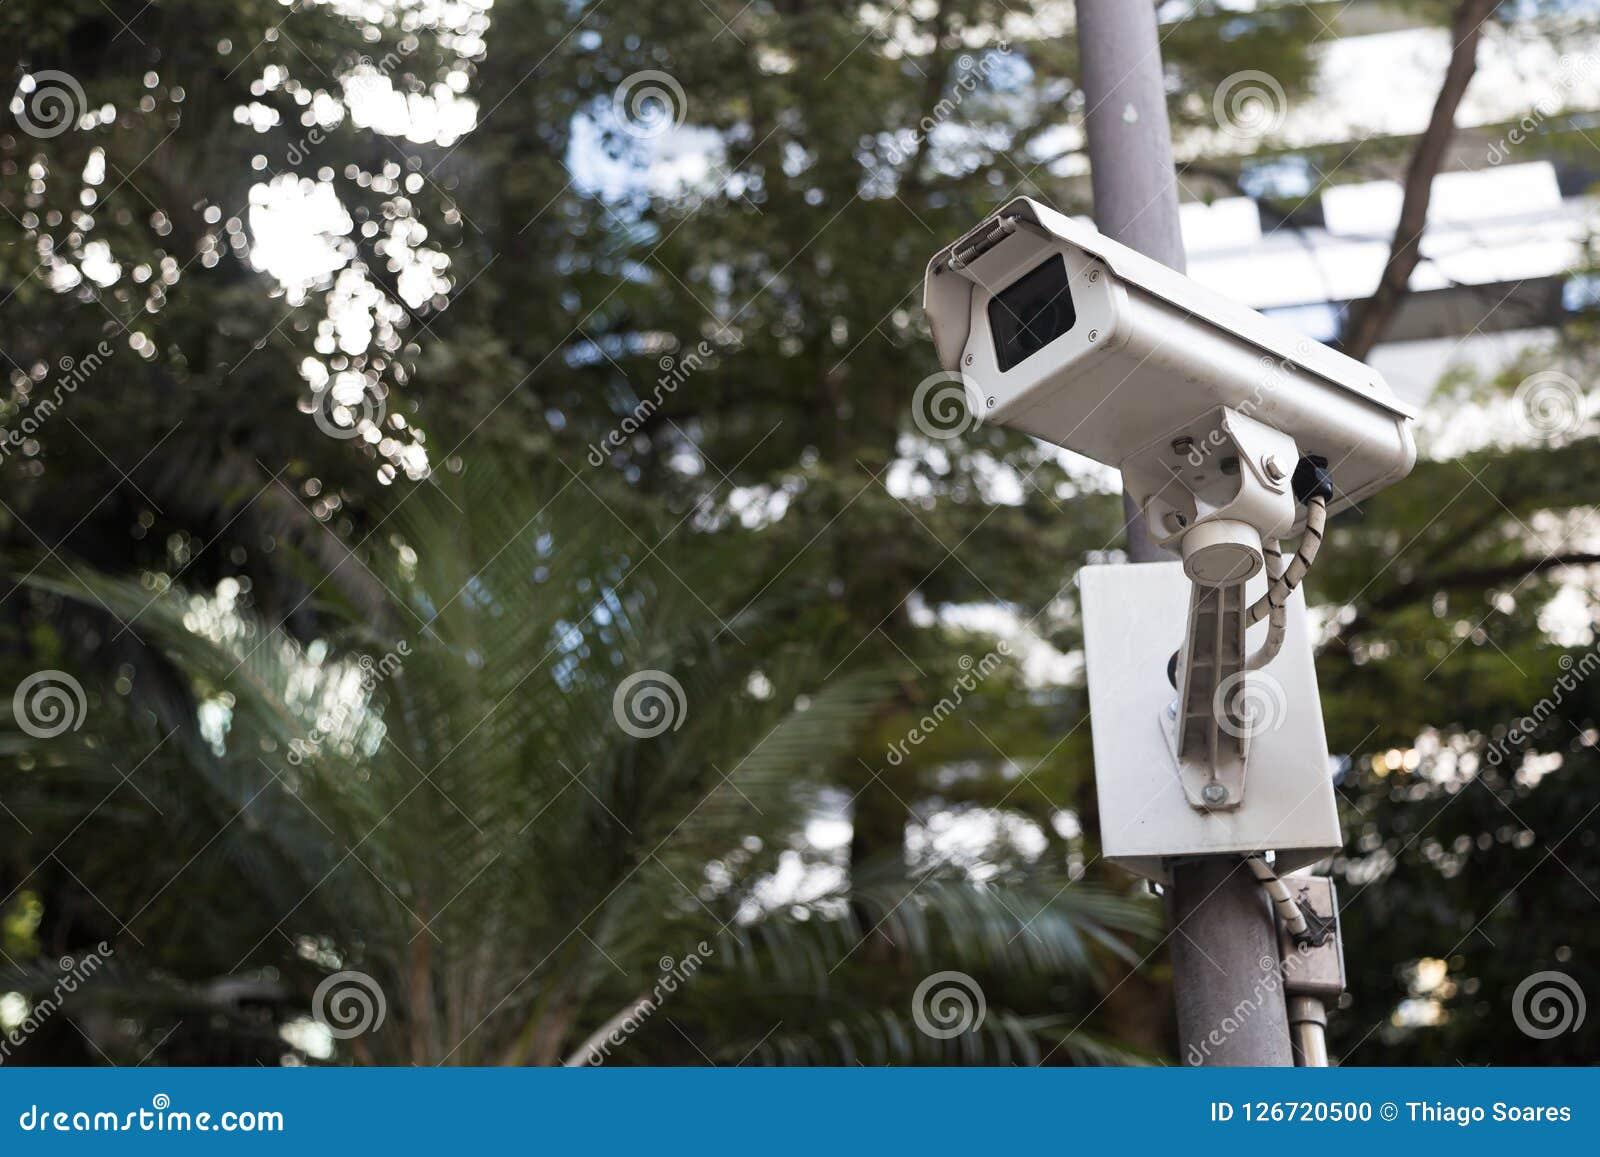 Veiligheidscamera in een openbare ruimte